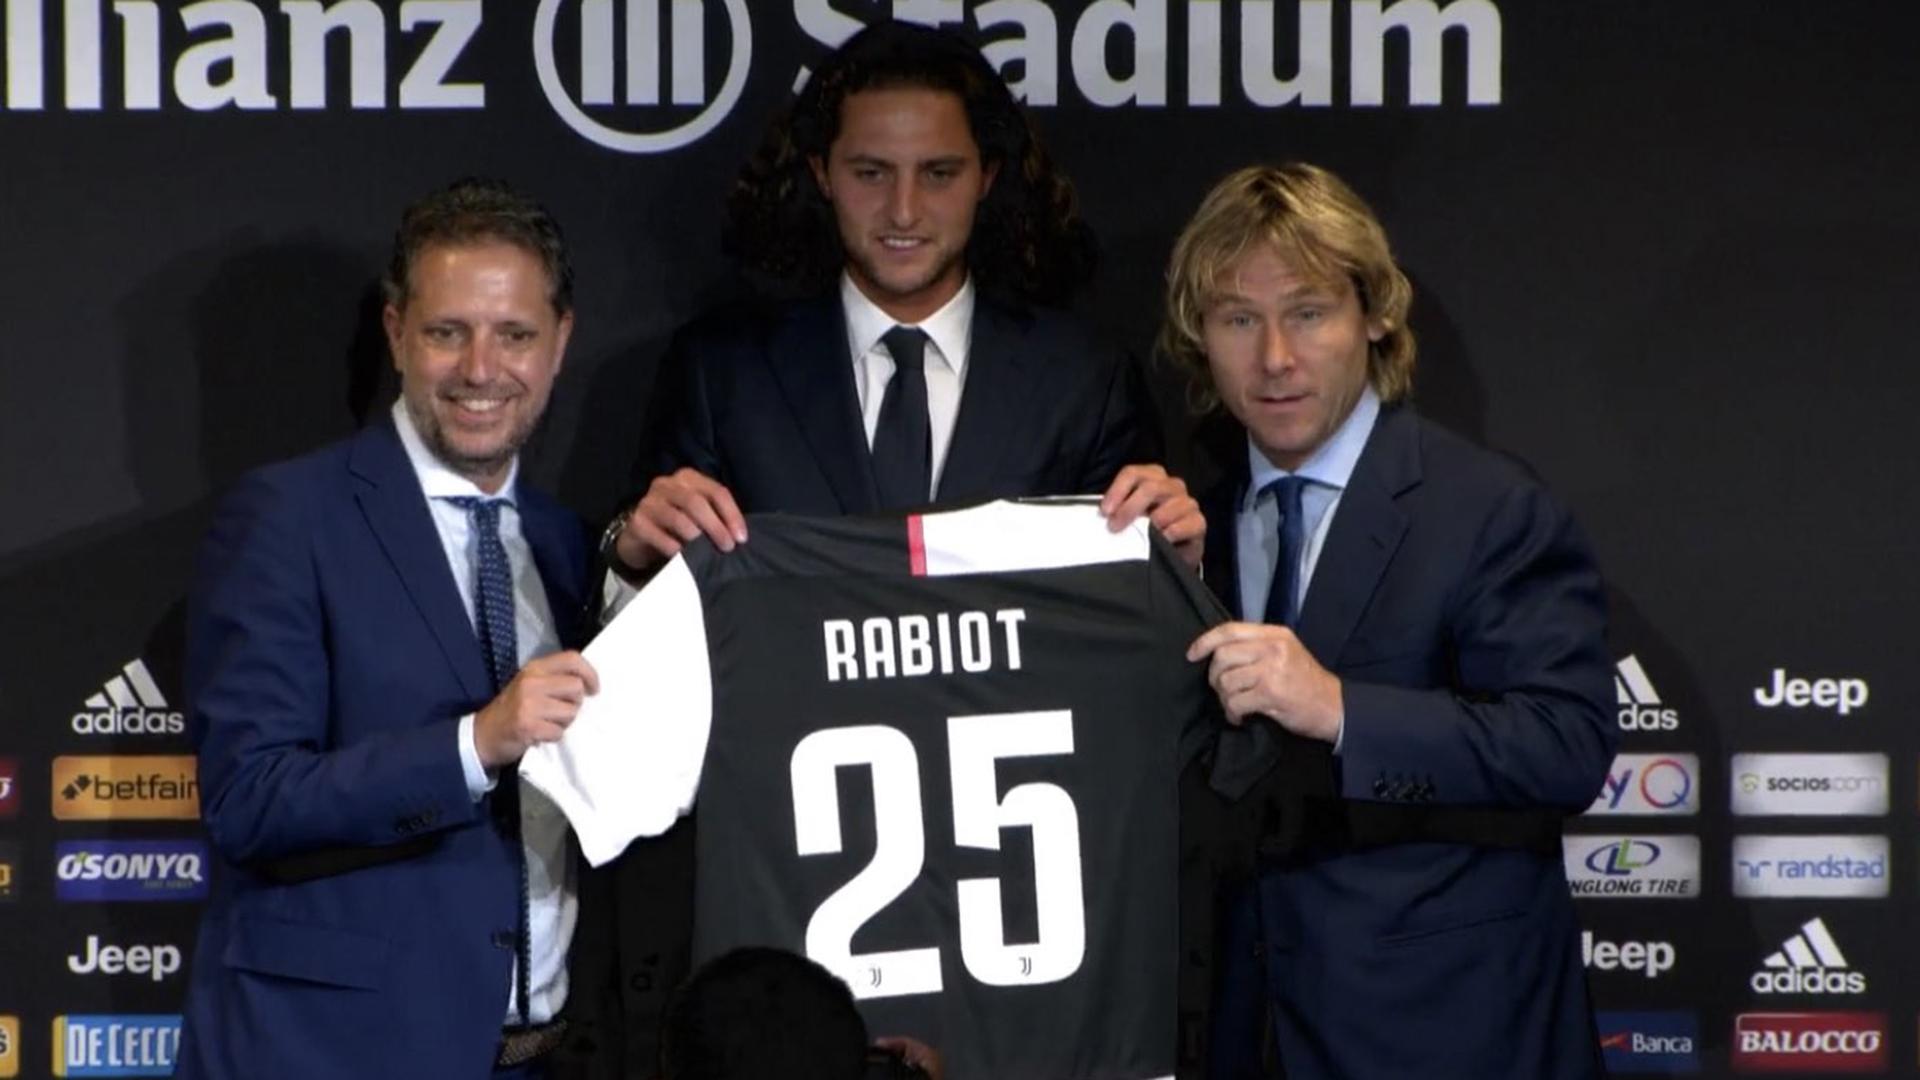 Paratici Rabiot Nedved Juventus